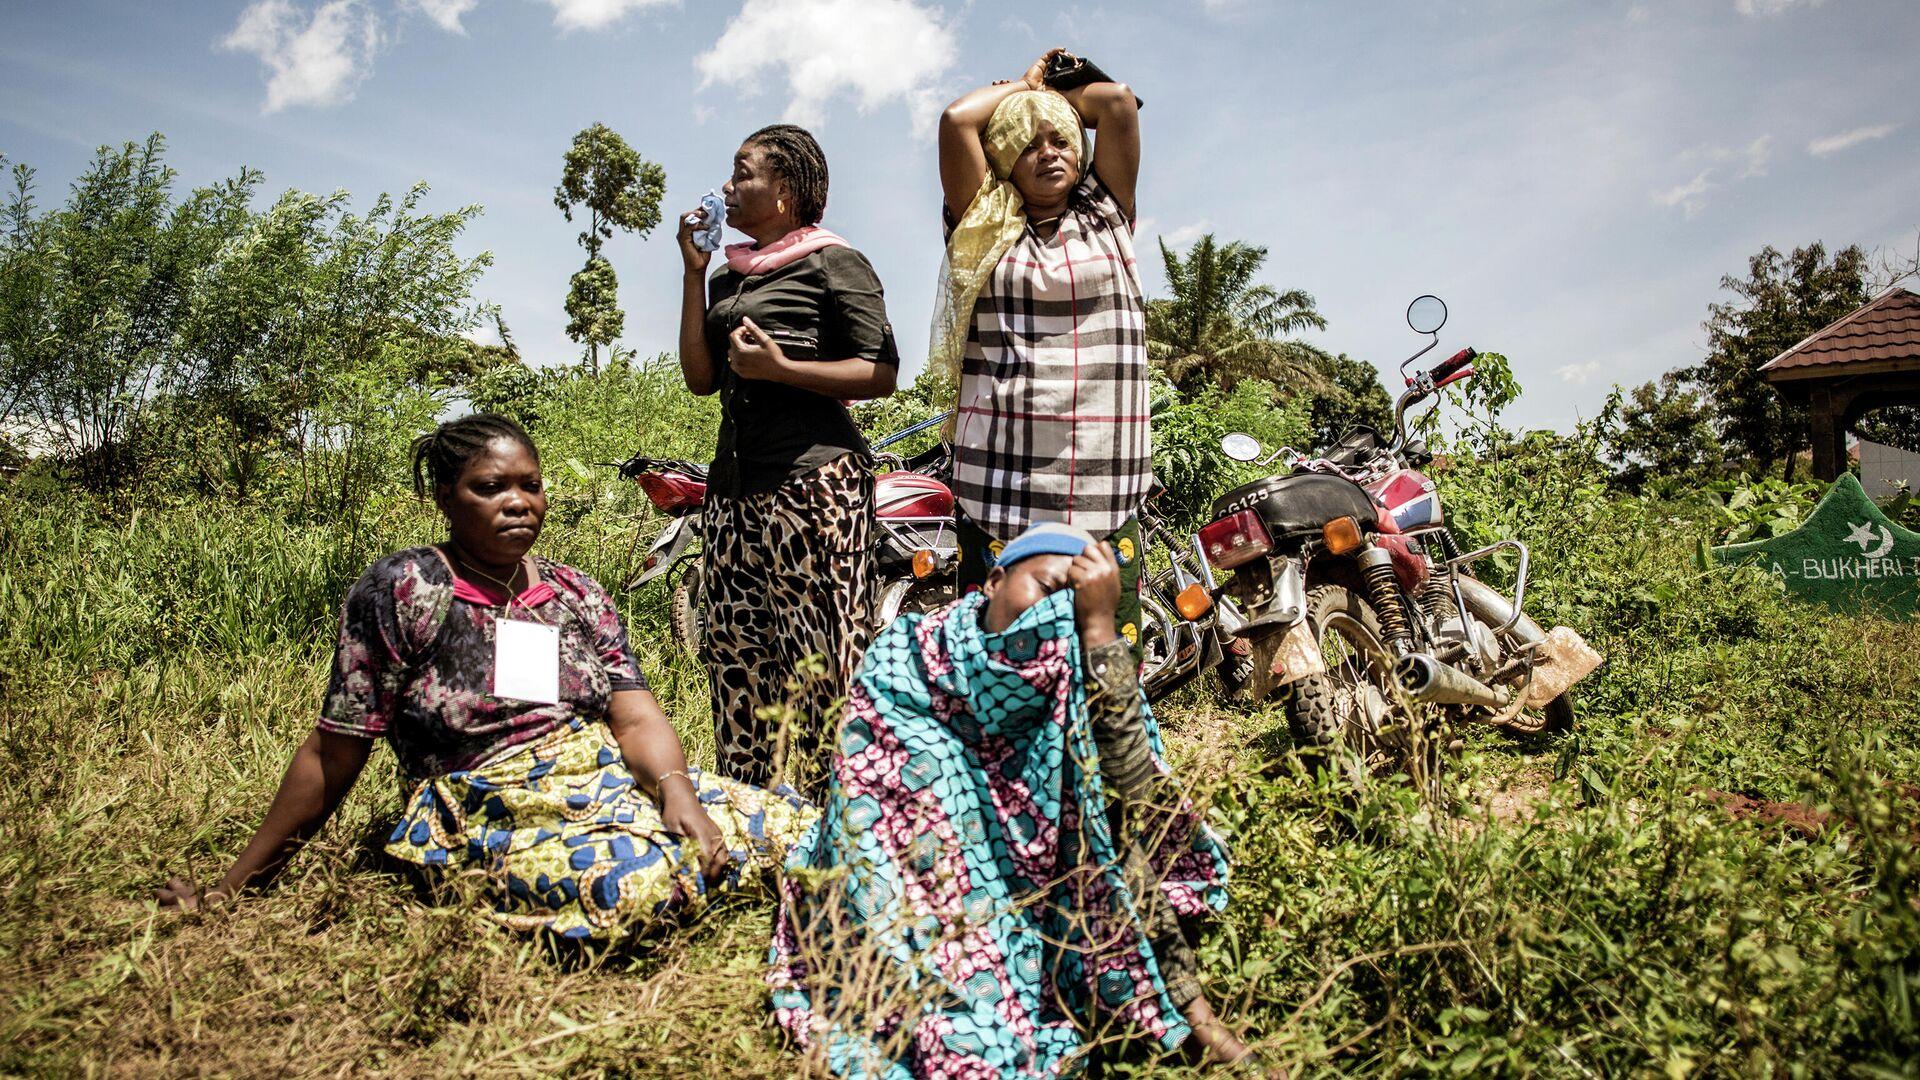 Женщины оплакивают кончину члена семьи во время похорон на окраине города Бени, провинция Северное Киву - РИА Новости, 1920, 15.02.2021